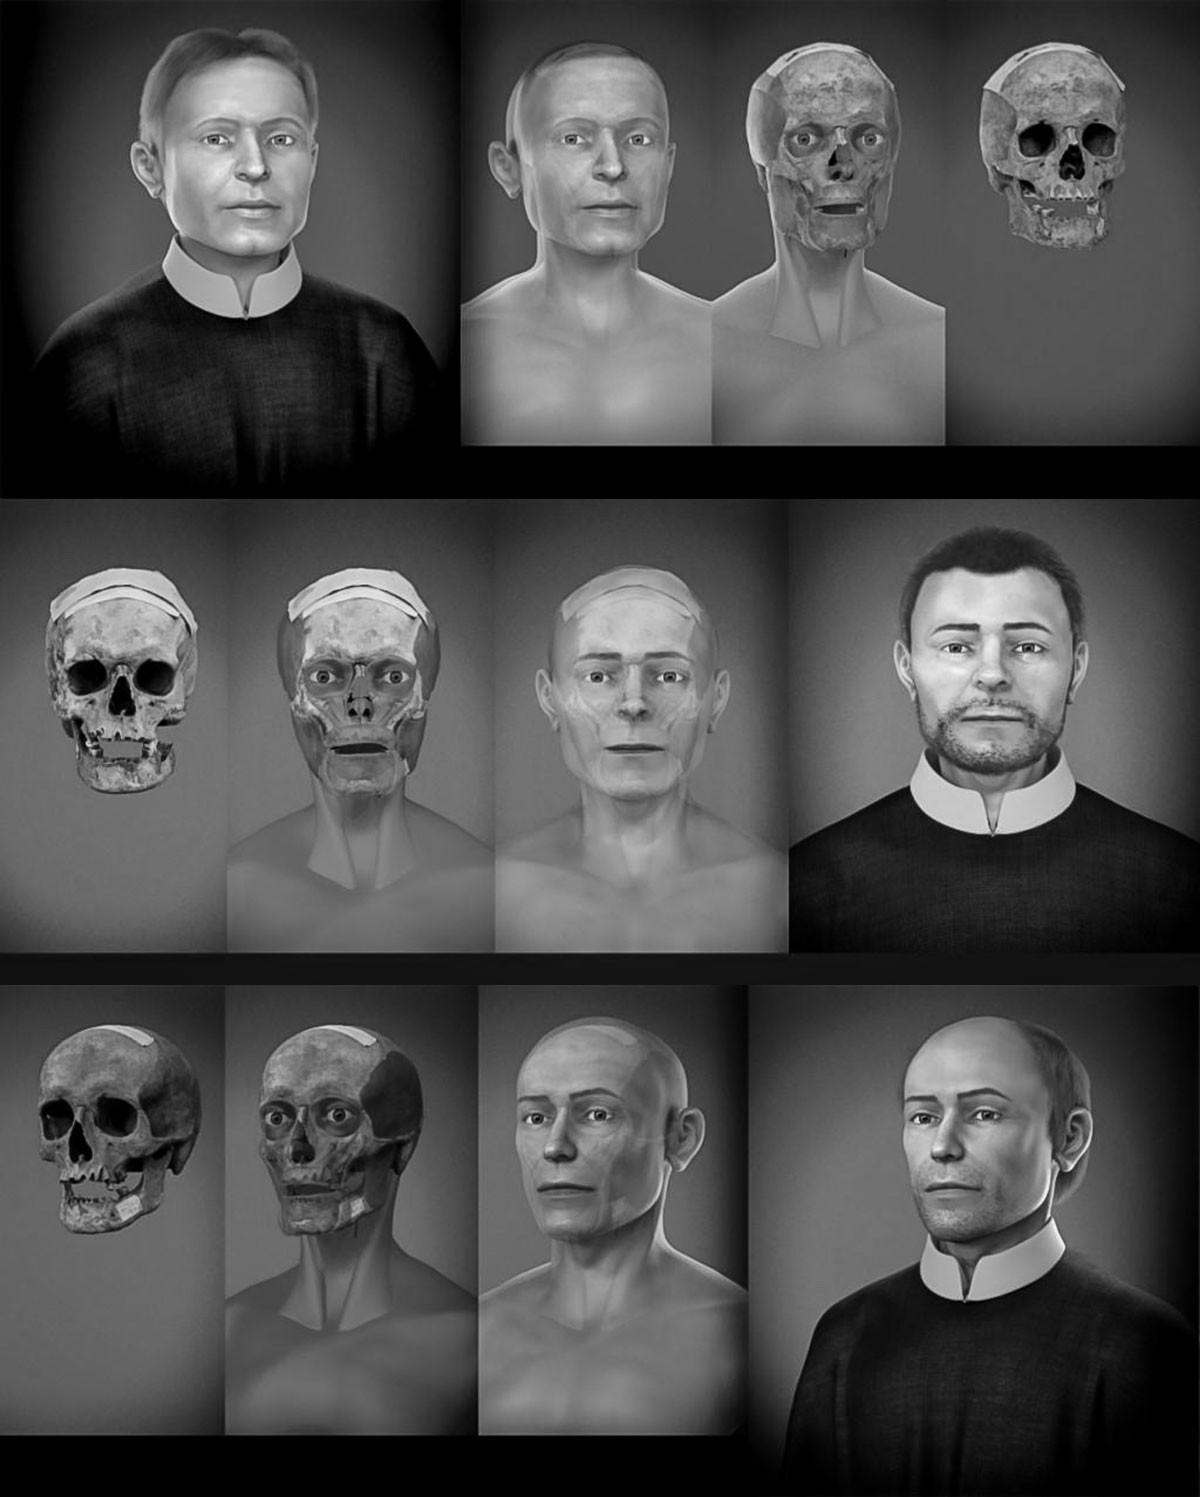 Grodecz Menyhért (felül), Kőrösi Márk (középen), Pongrácz István (alul) ez évben rekonstruált arcképei. A Cicero Moraes brazil specialista vezette szakcsoport, együttműködve a Cseh Köztársaság, a Szlovák Tudományos Akadémia, a Comenius Egyetem, a szlovákiai Jézus Társaság és az Esztergom–Budapesti Főegyházmegye szakembereivel a legújabb tudományos módszer eredményeként – a kassai vértanúk koponyaereklyéi segítségével – alkotta meg a szentek képmását